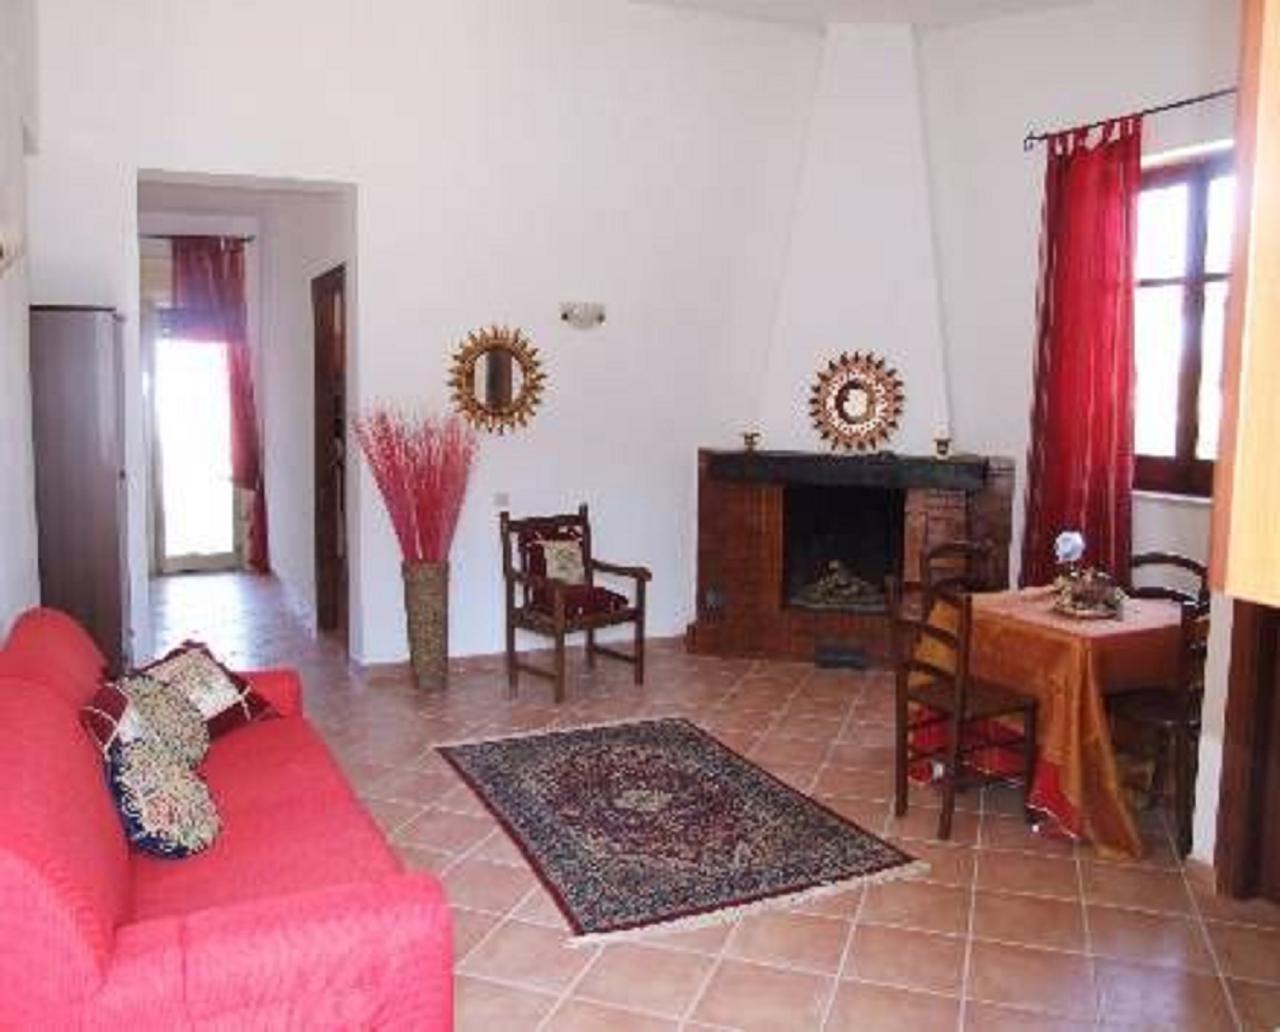 Maison de vacances villa Nunziatella  SOLE (1920809), Trappeto, Palermo, Sicile, Italie, image 2